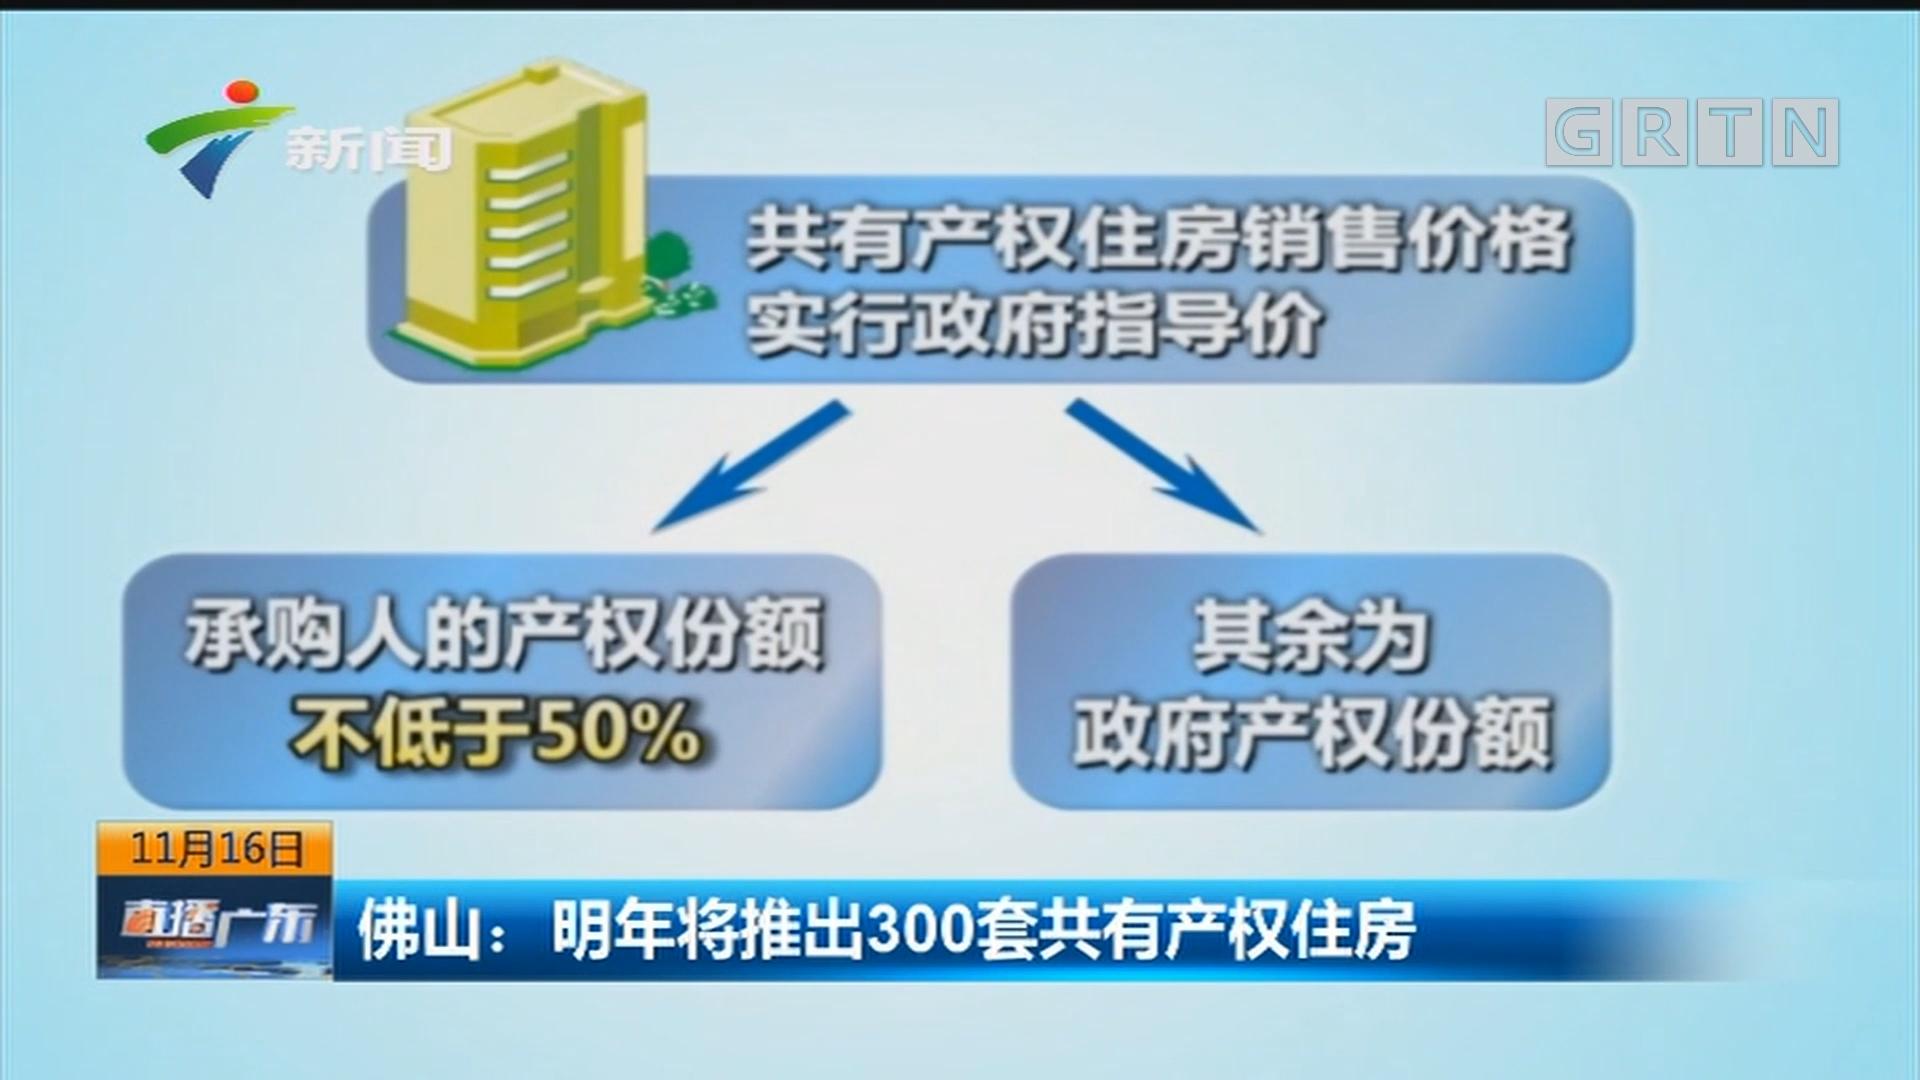 佛山:明年将推出300套共有产权住房